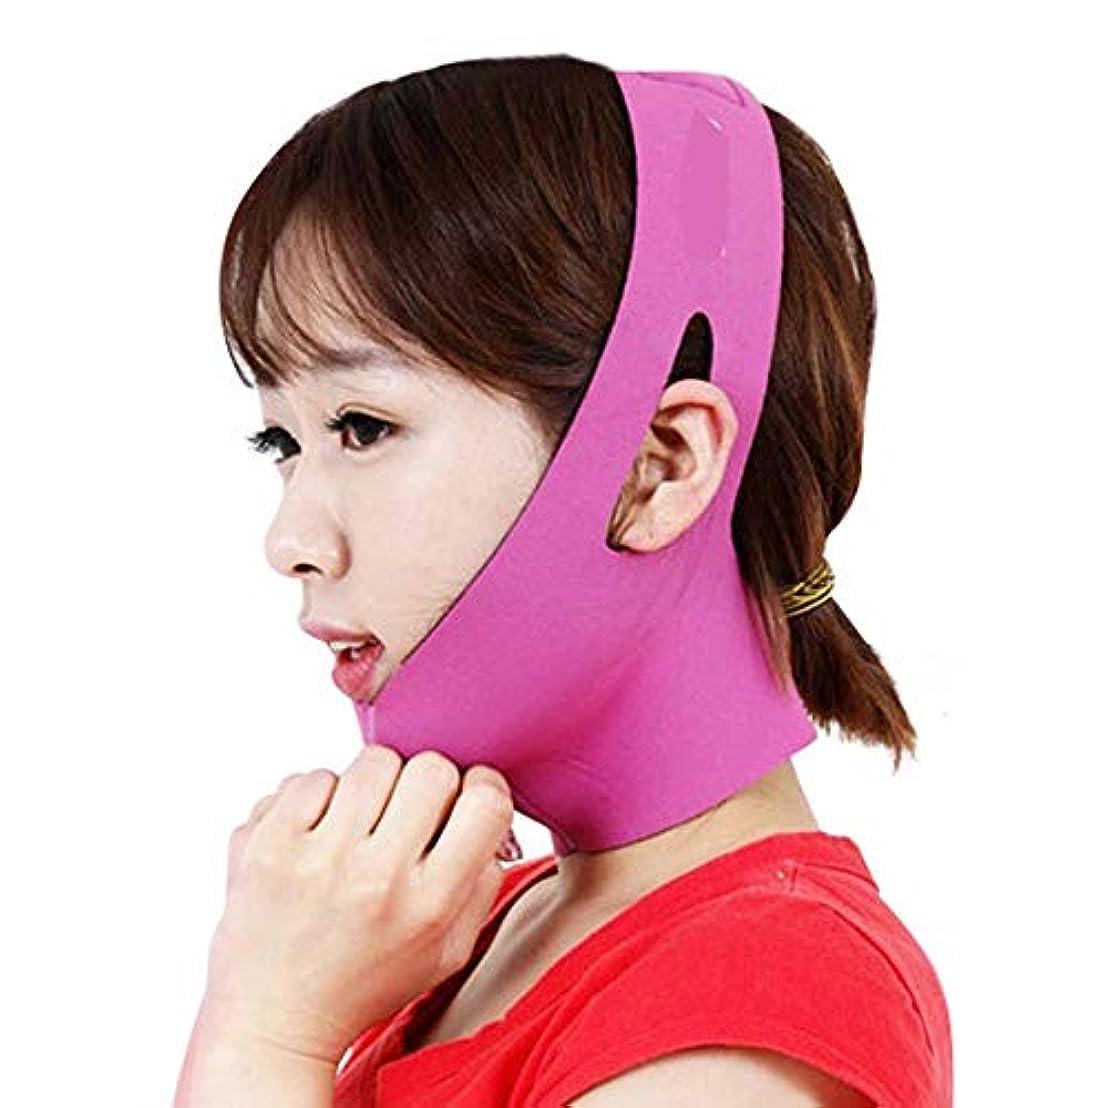 偽造抹消穴フェイシャルリフティング痩身ベルト圧縮二重あご減量ベルトスキンケア薄い顔包帯二重あごワークアウト (色 : Pink)